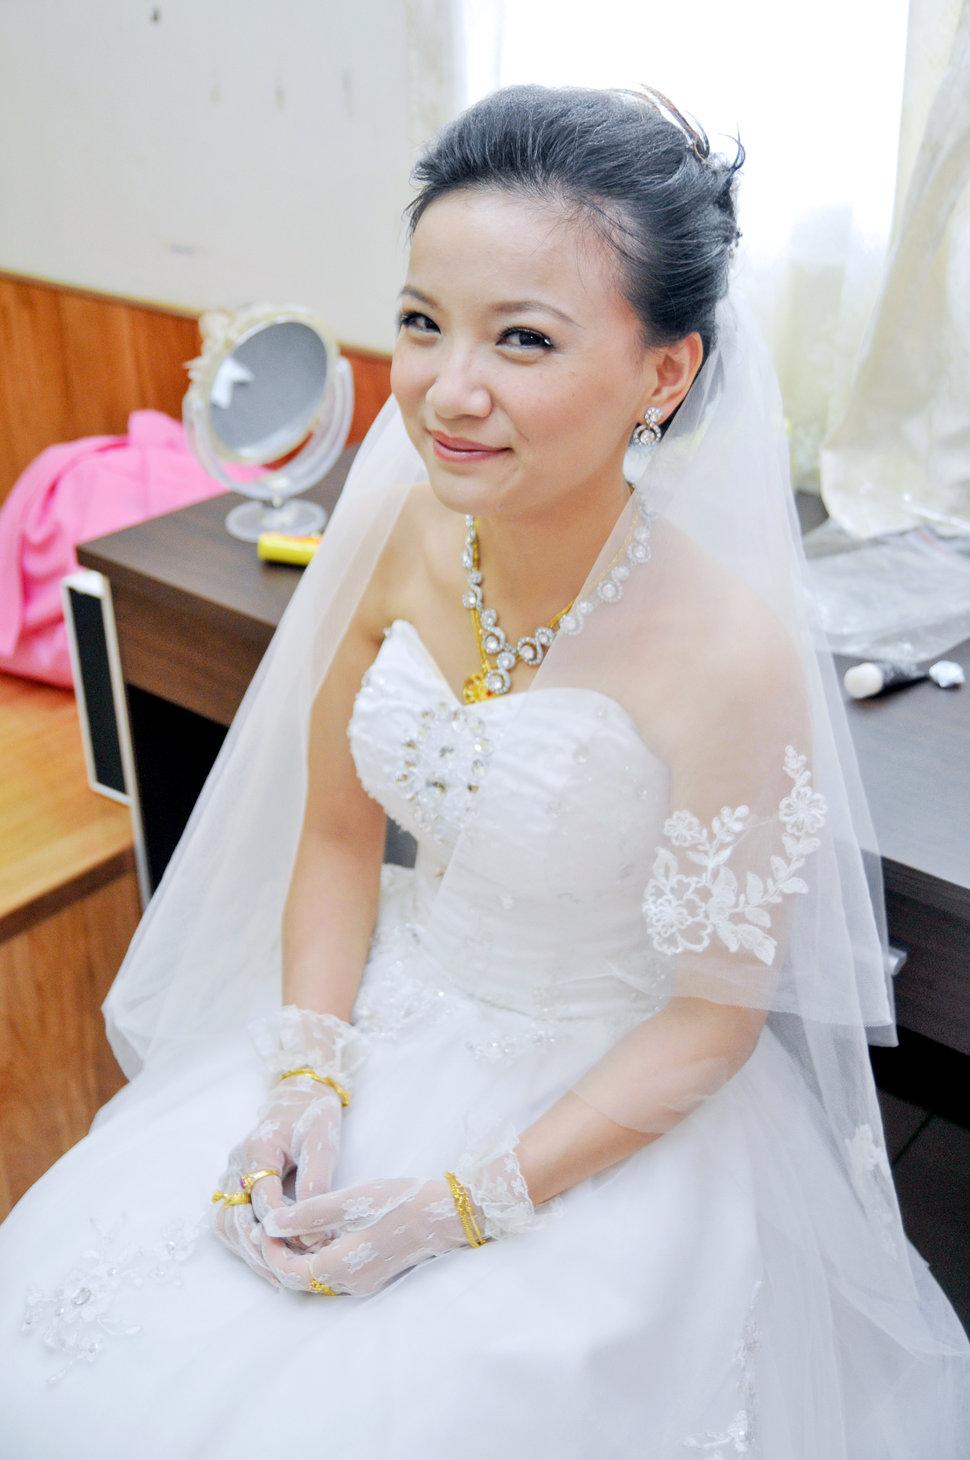 登璿&湘敏 迎娶_011 - 克里斯 婚禮紀錄 - 結婚吧